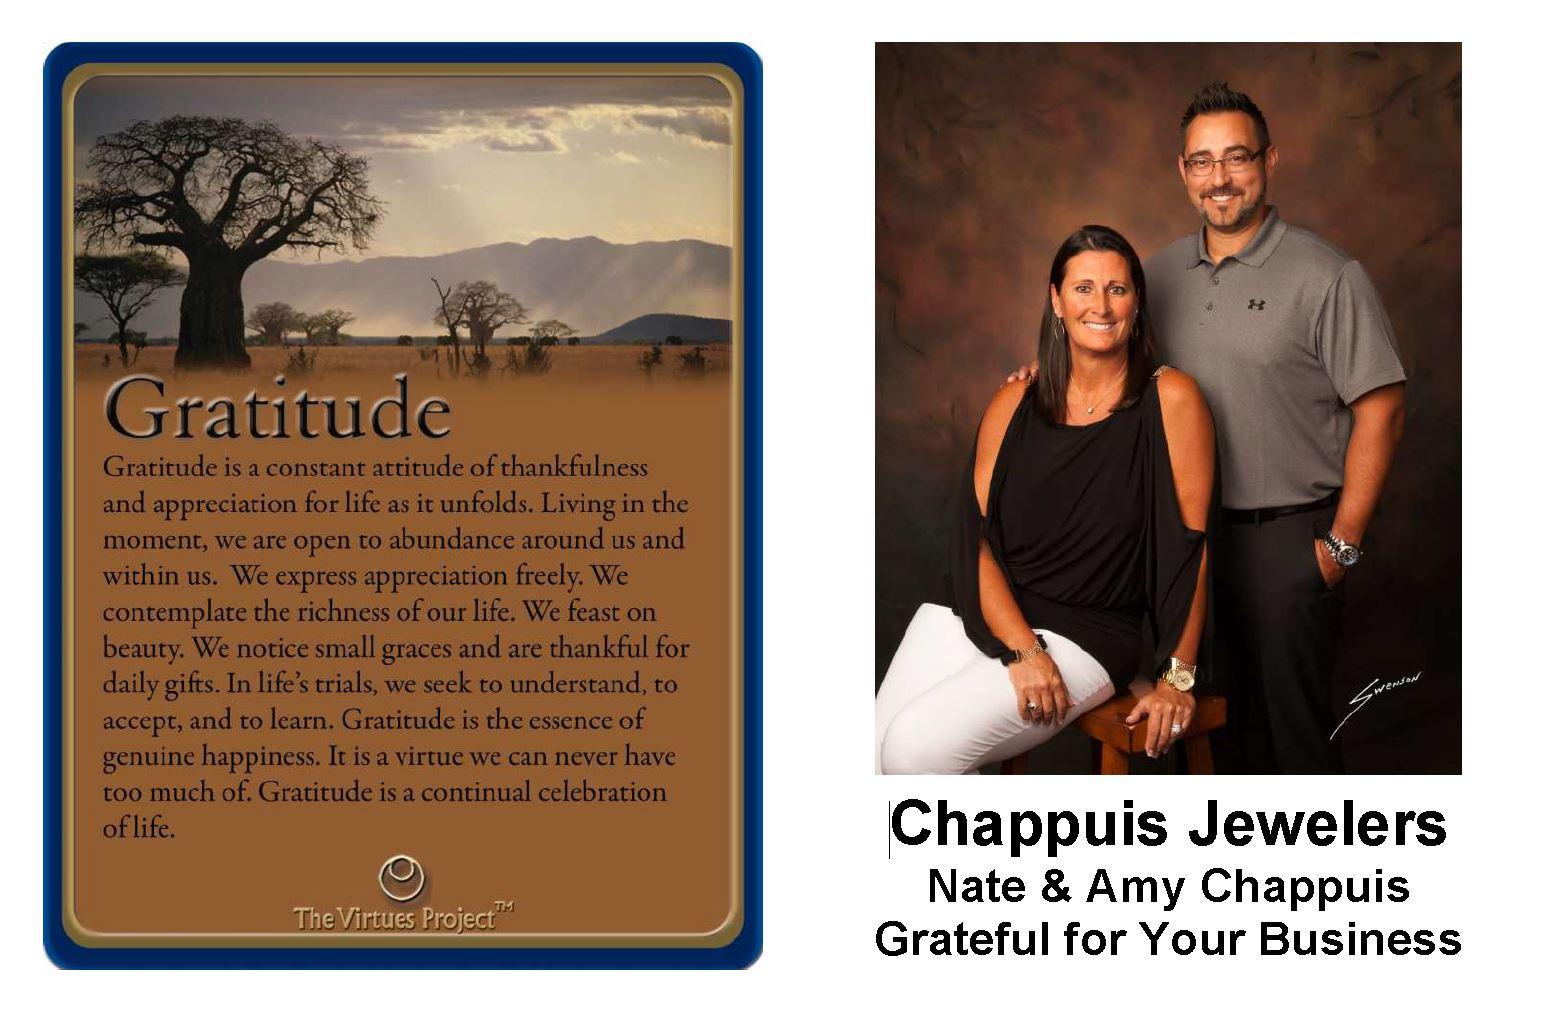 Chappuis Jewelers Gratitude.JPG